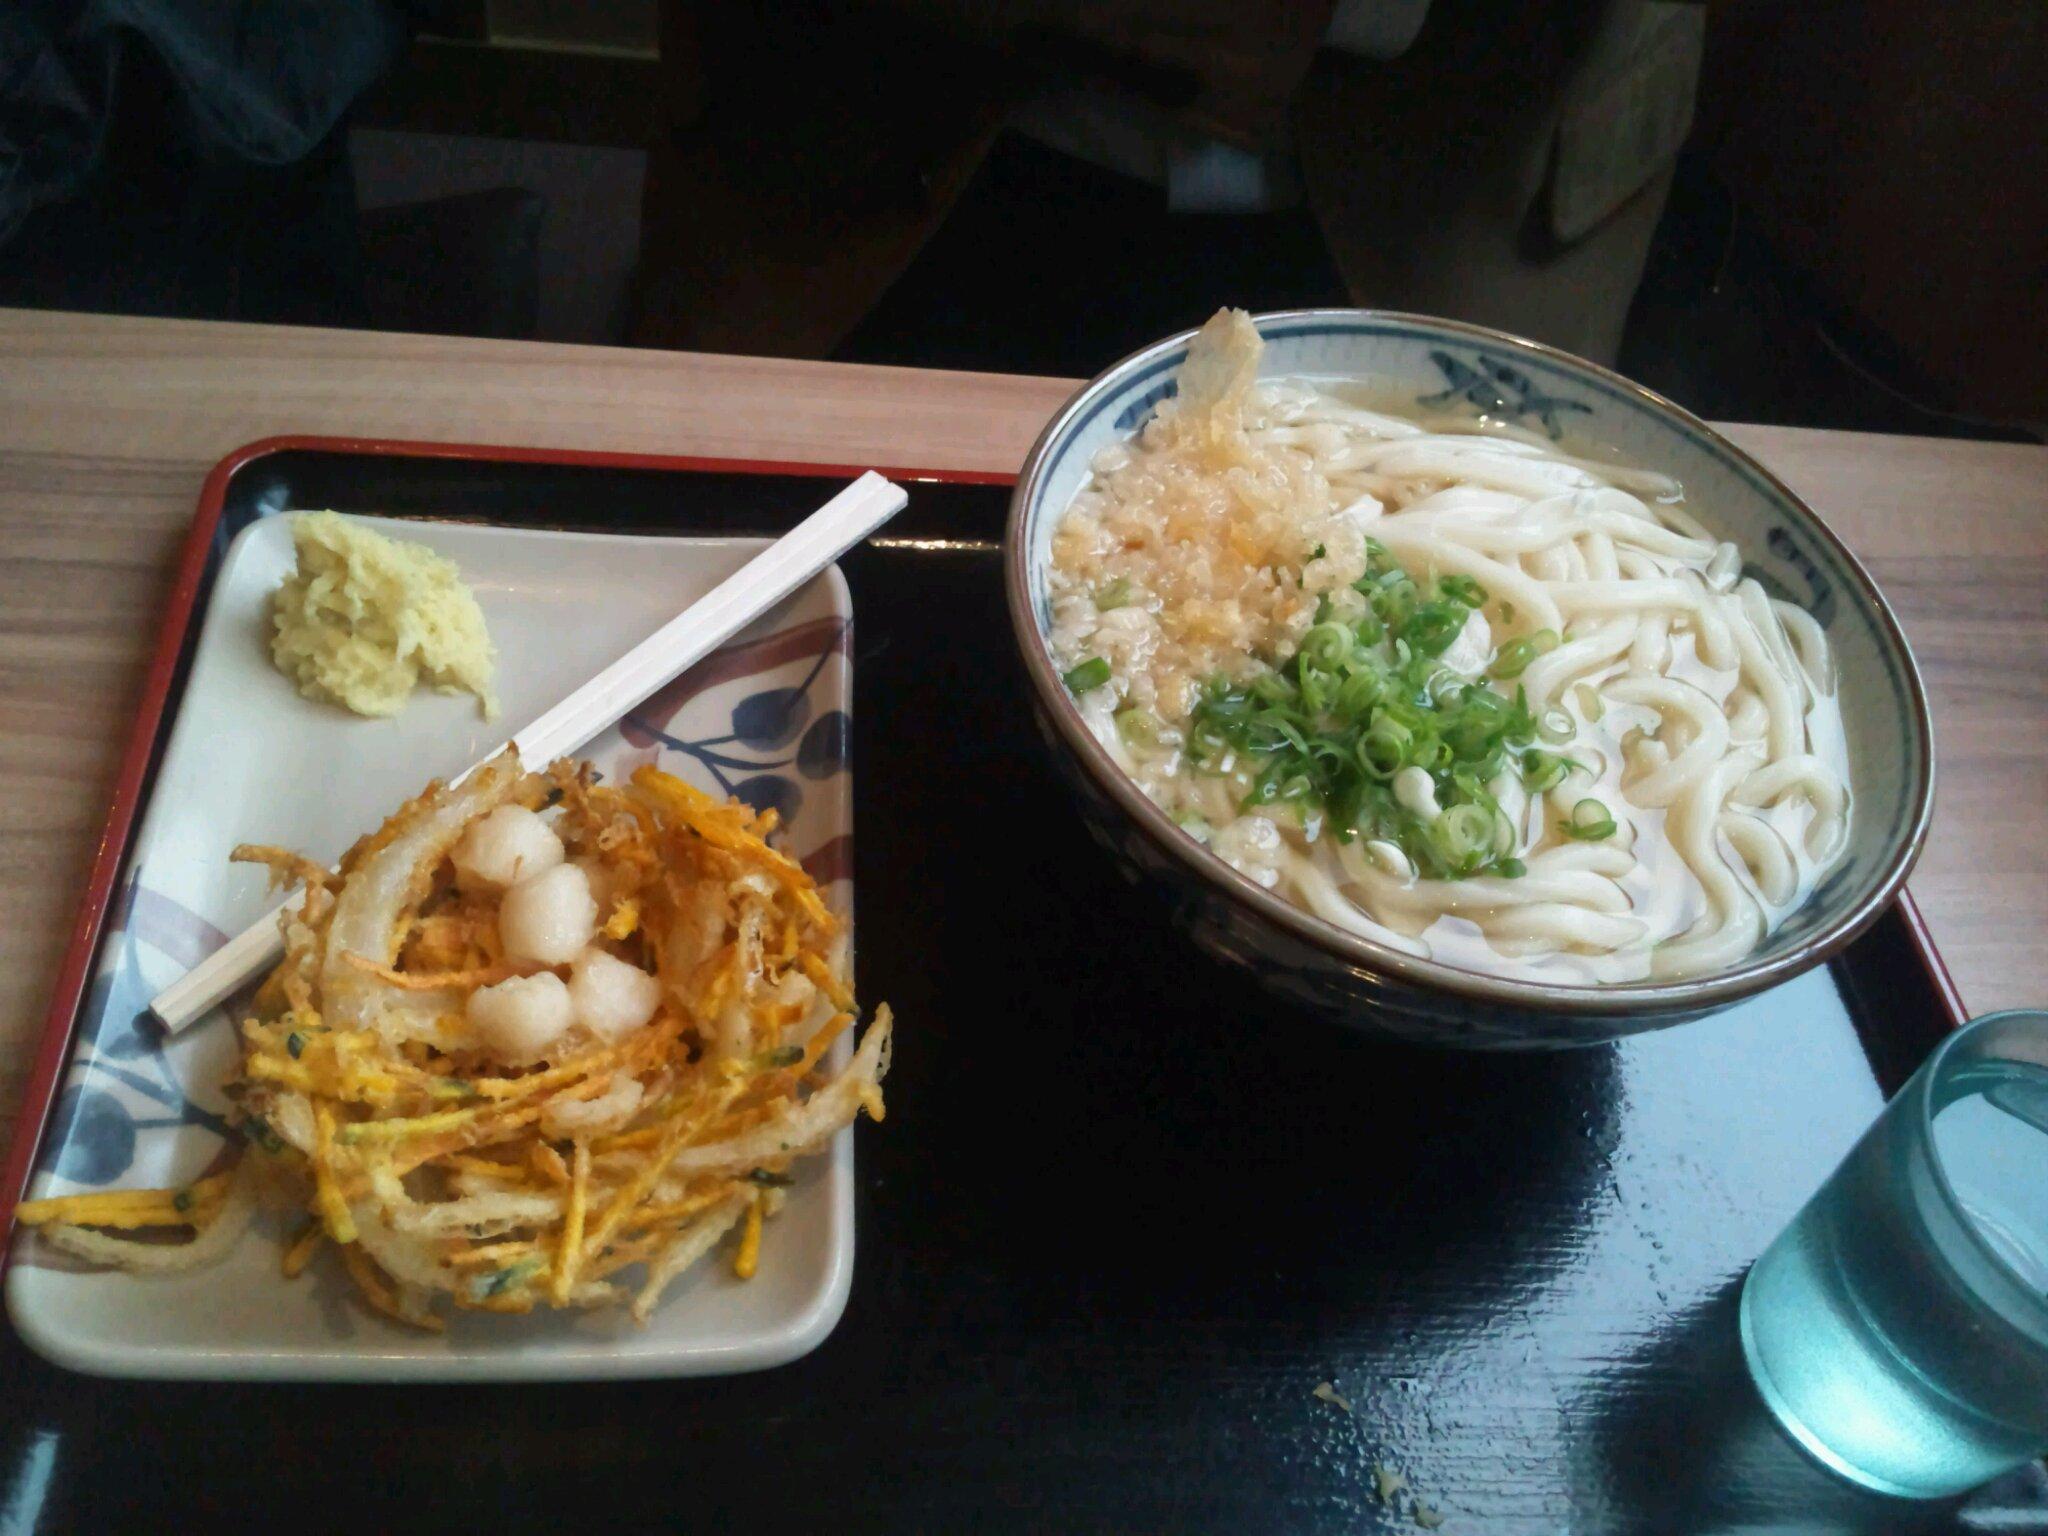 イワサキ高松店近隣ランチ情報 : さぬき麺市場 高松伏石店_b0163075_8234026.jpg